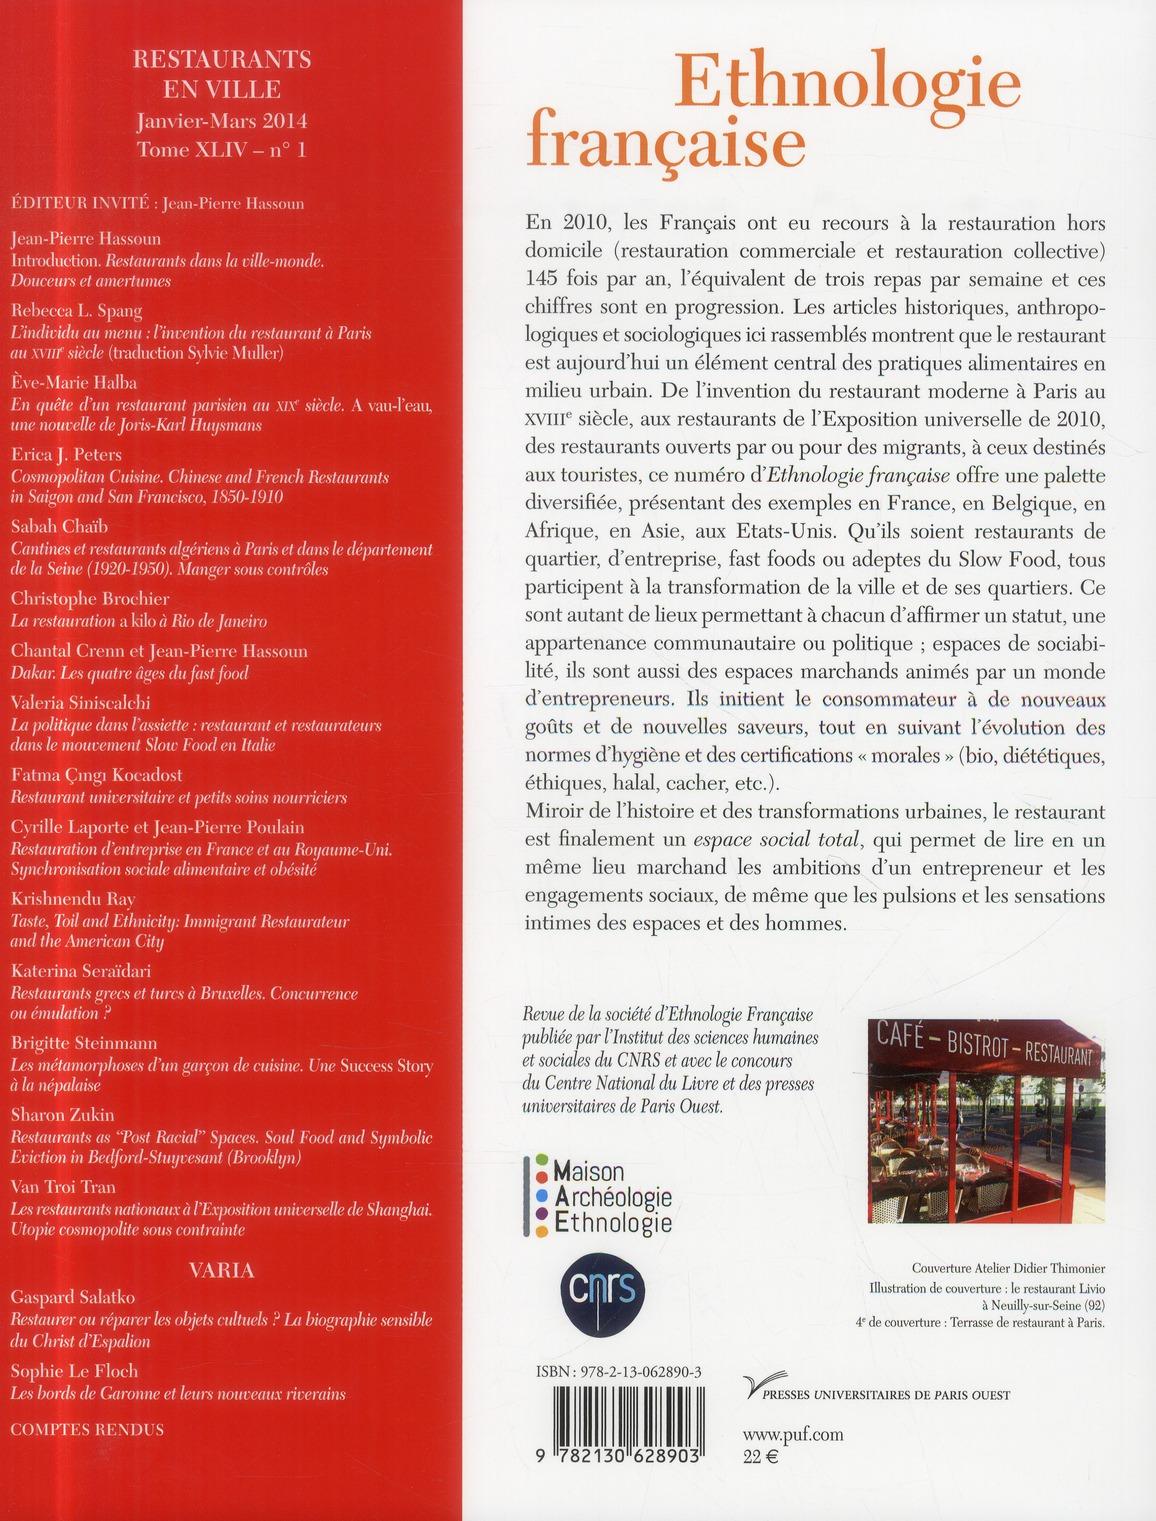 REVUE D'ETHNOLOGIE FRANCAISE n.1 ; restaurants dans la ville (édition 2014)